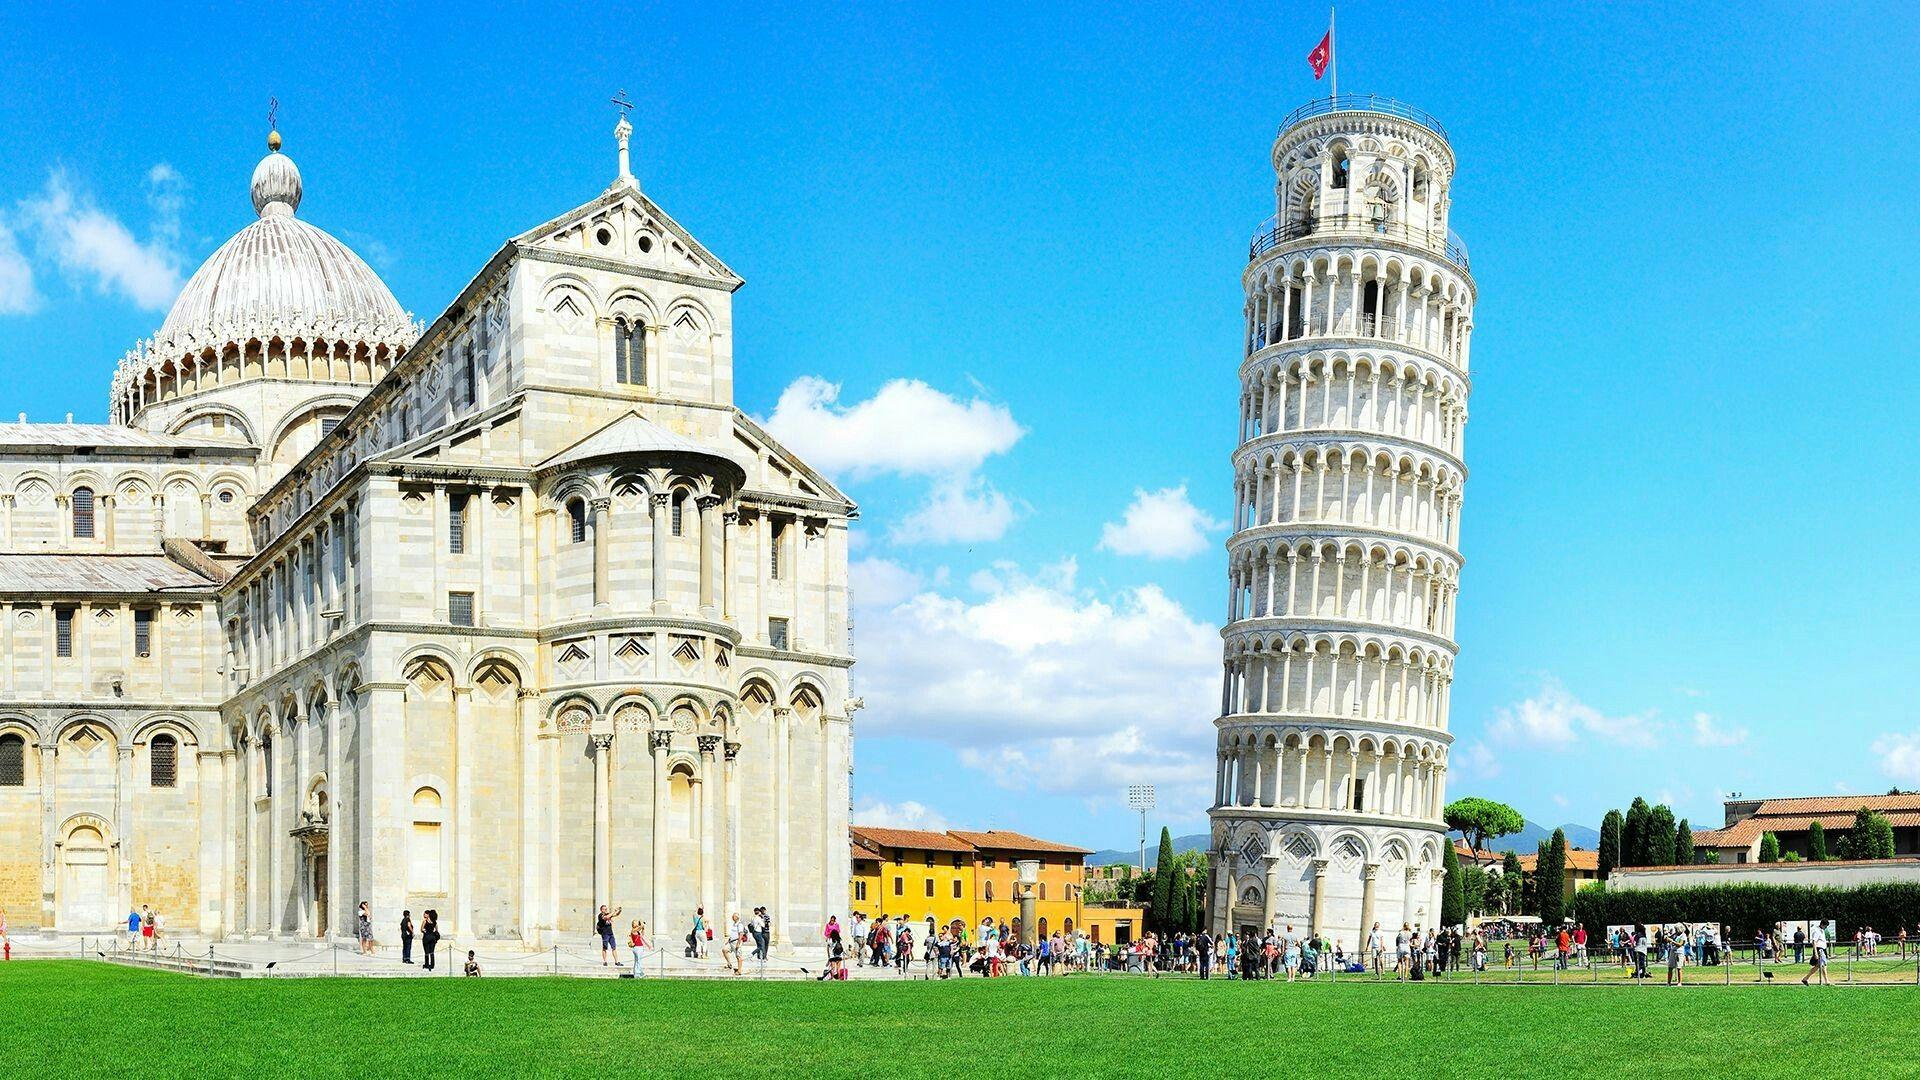 Italia un viaje de ensueño http://viajesgratuitos.dreamtrips.com